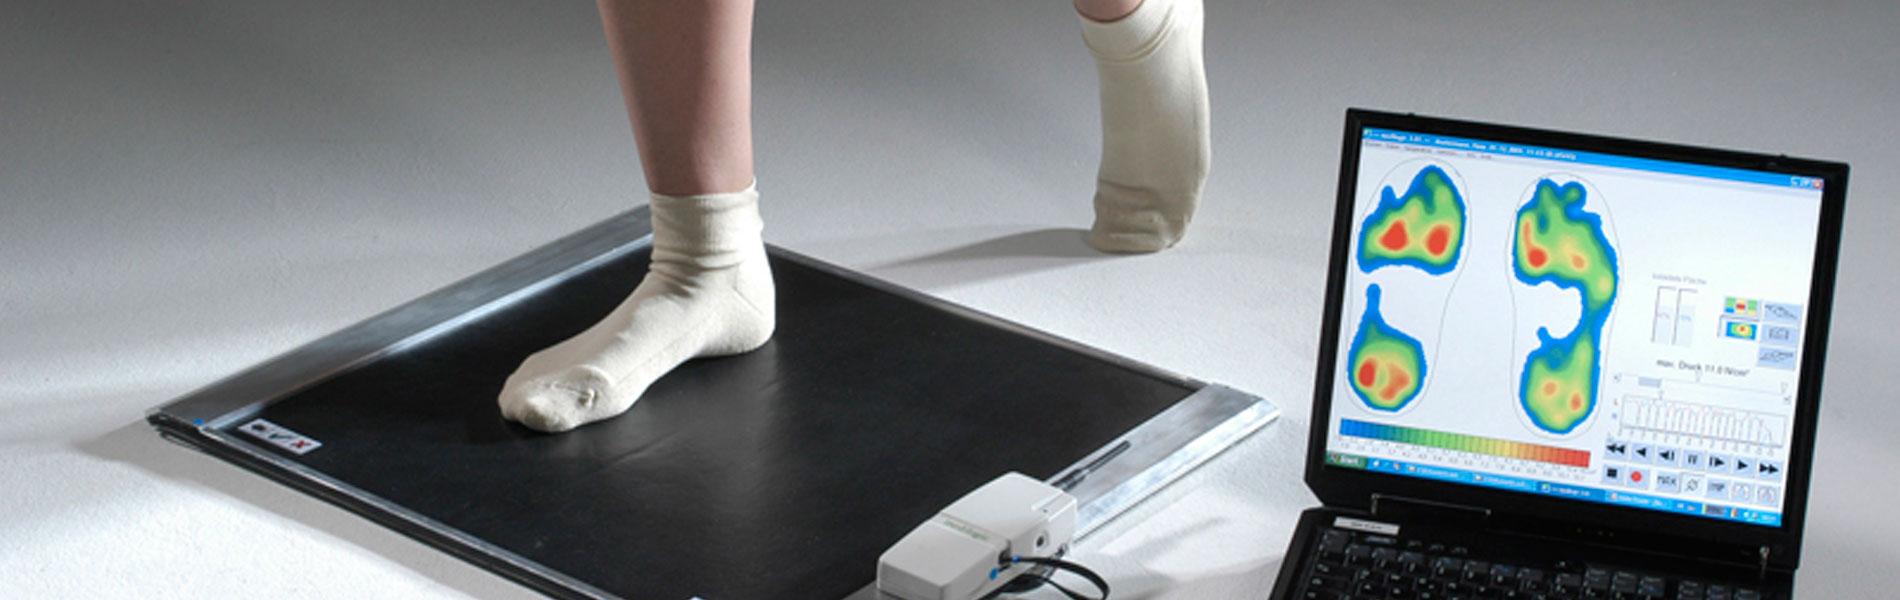 Fußdruckanalyse mit professioneller Technik bei uns möglich.